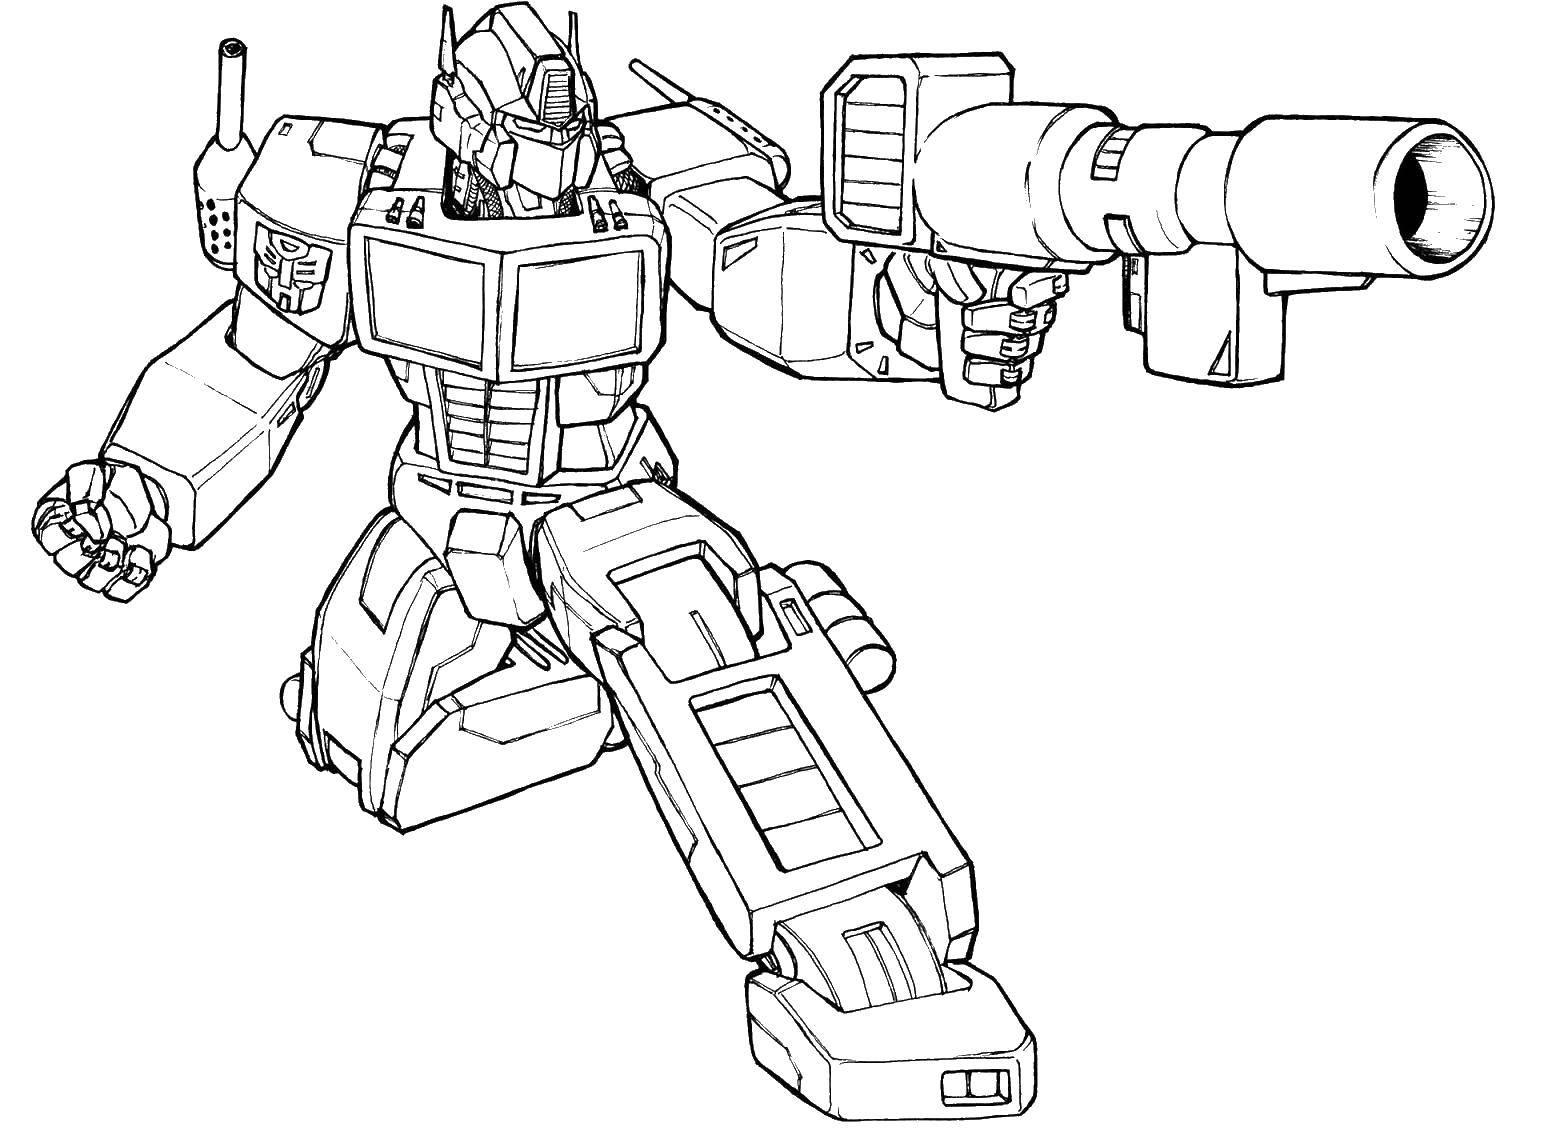 Раскраска Трансформер с бластером Скачать для мальчиков, трансформеры, роботы.  Распечатать ,трансформеры,